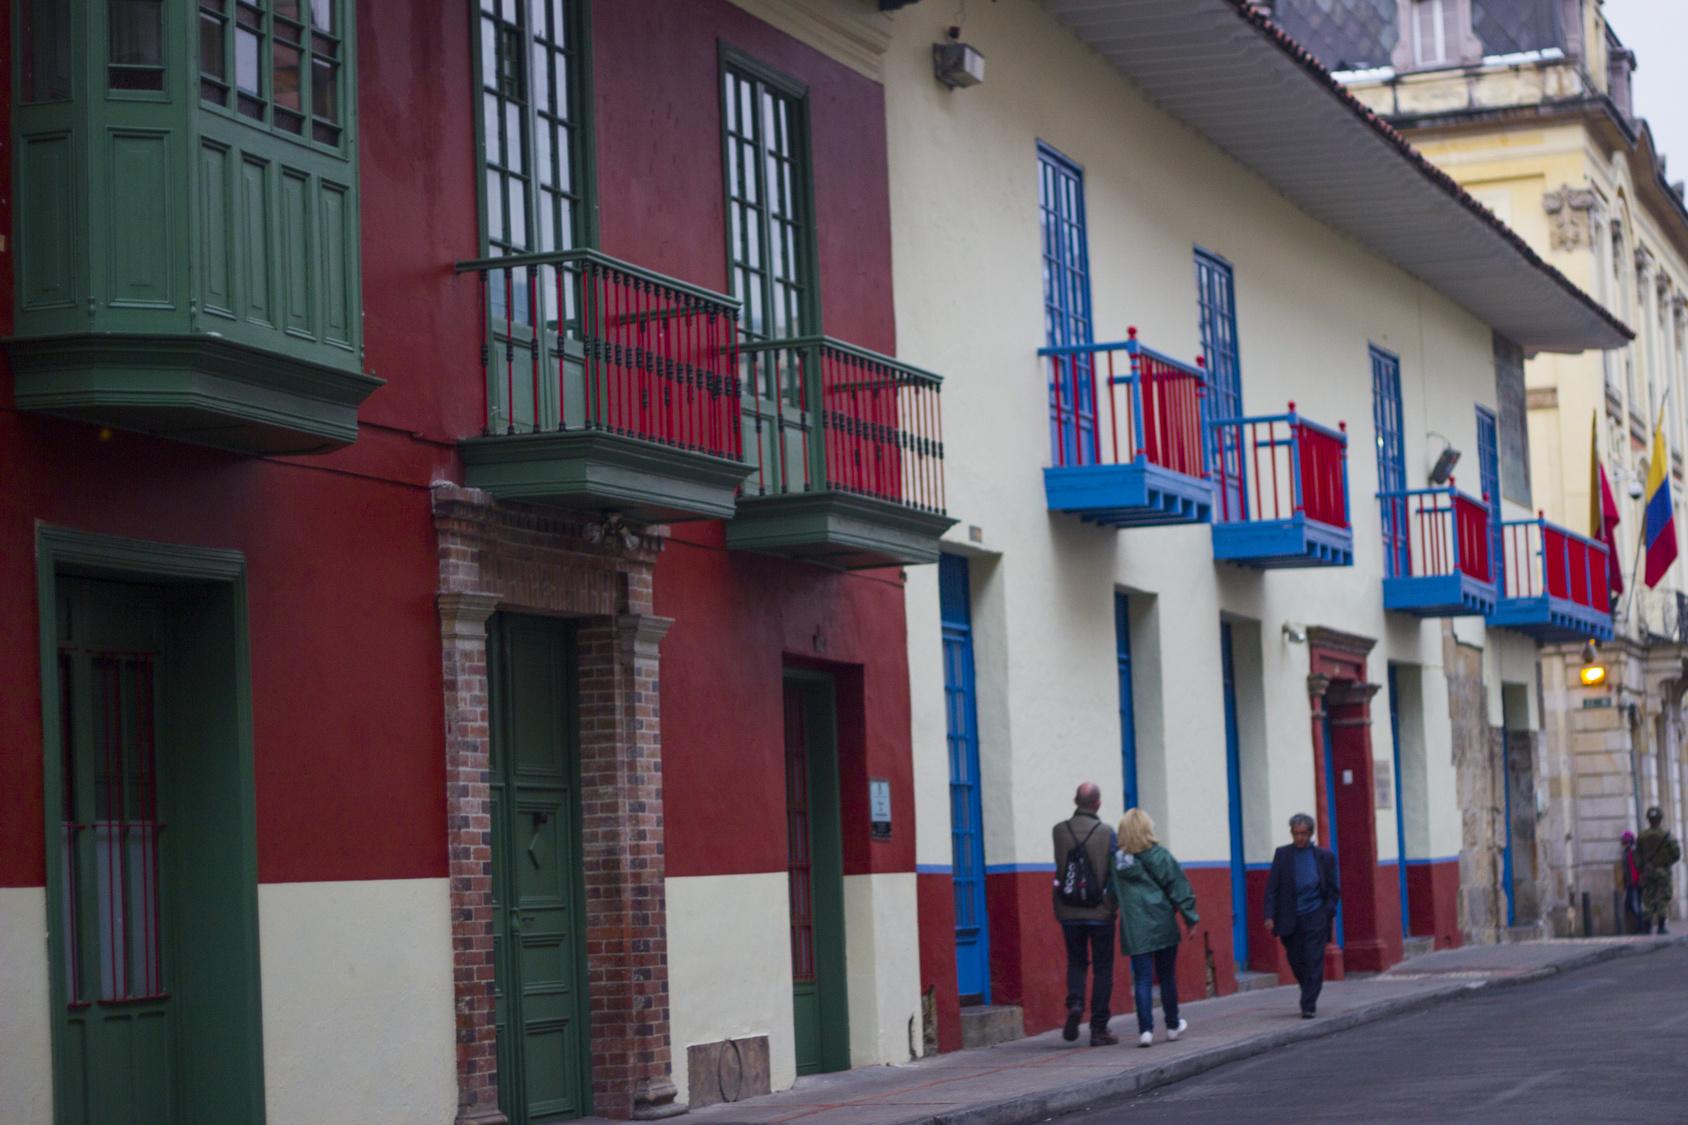 Foto: Ruas de Bogotá/ Daniel (Fotolia)